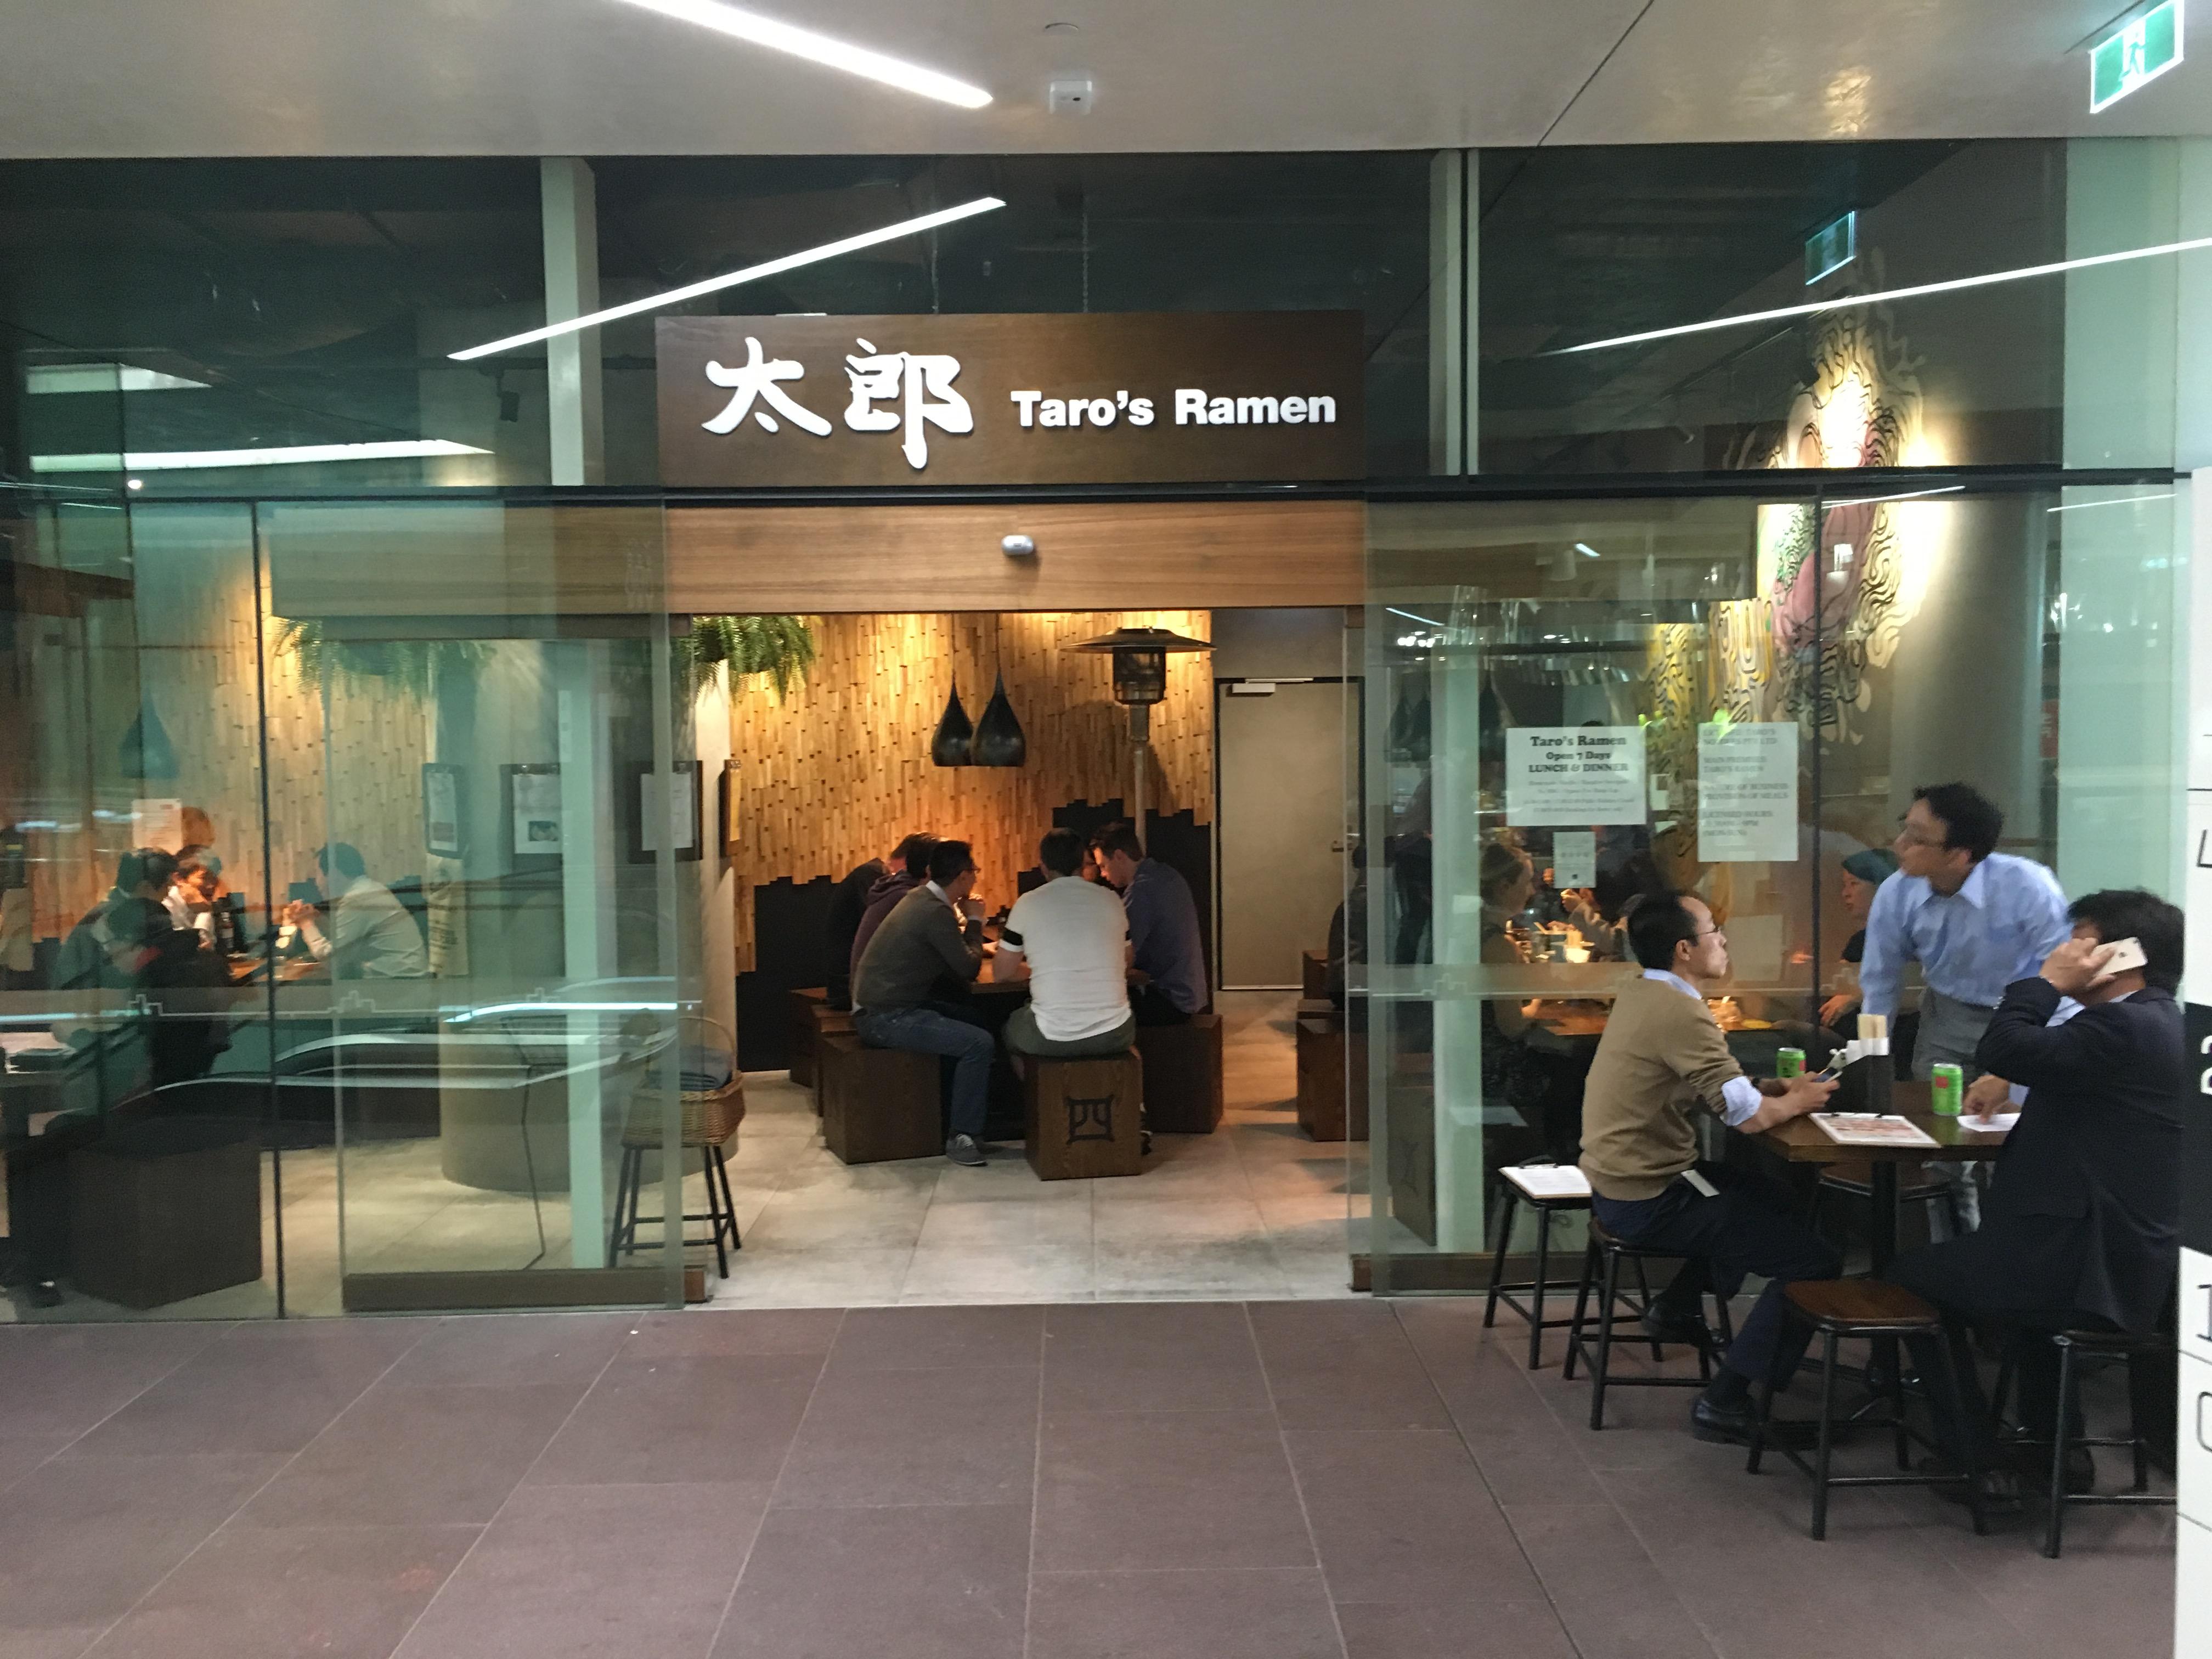 太郎拉面(Taro's Ramen)Queen Street 店铺